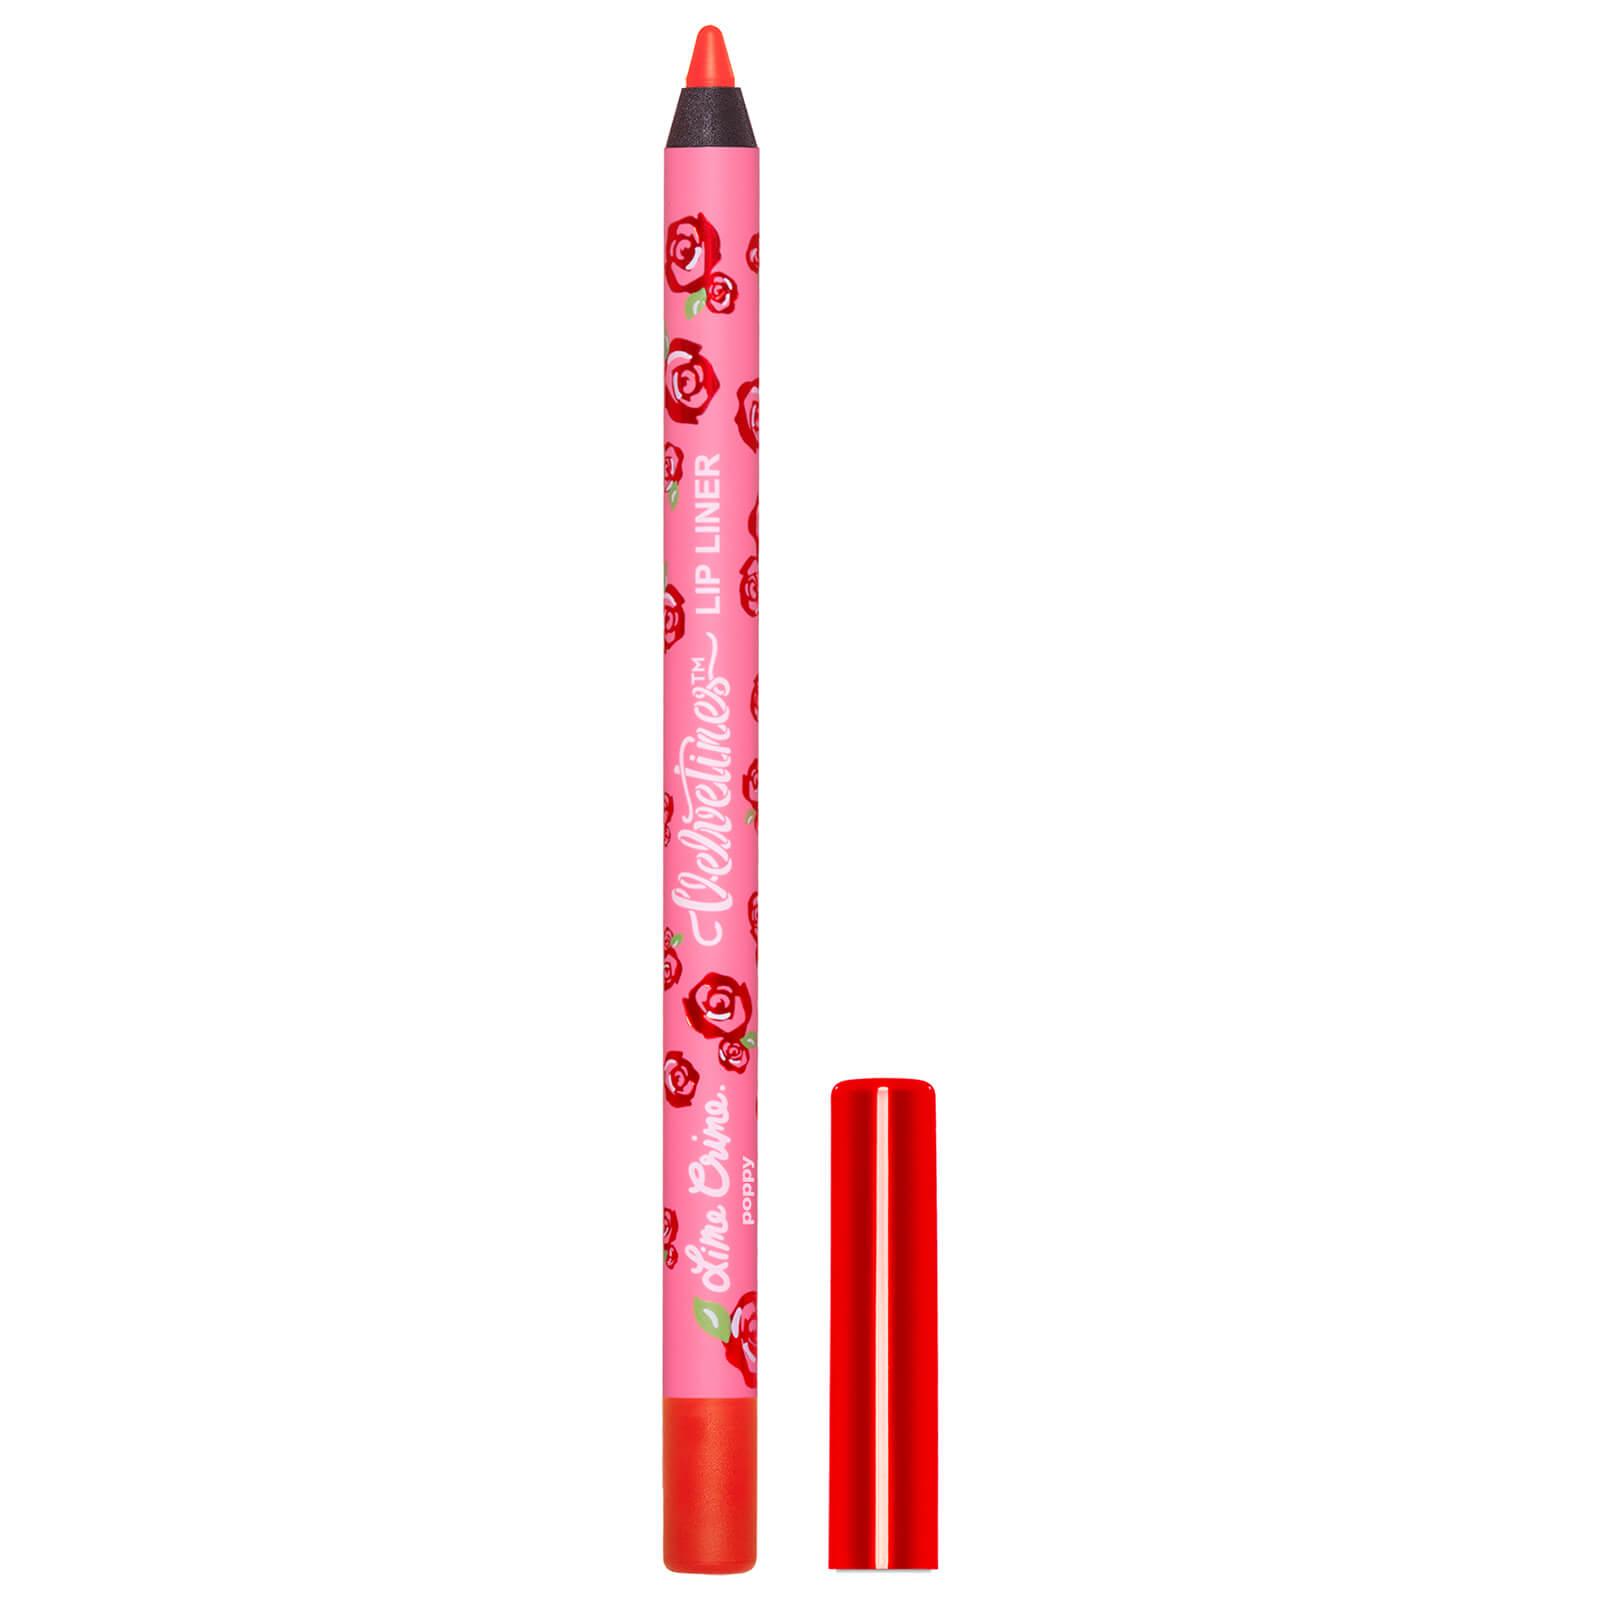 Lime Crime Velvetines Lip Liner 1.2g (Various Shades) - Poppy